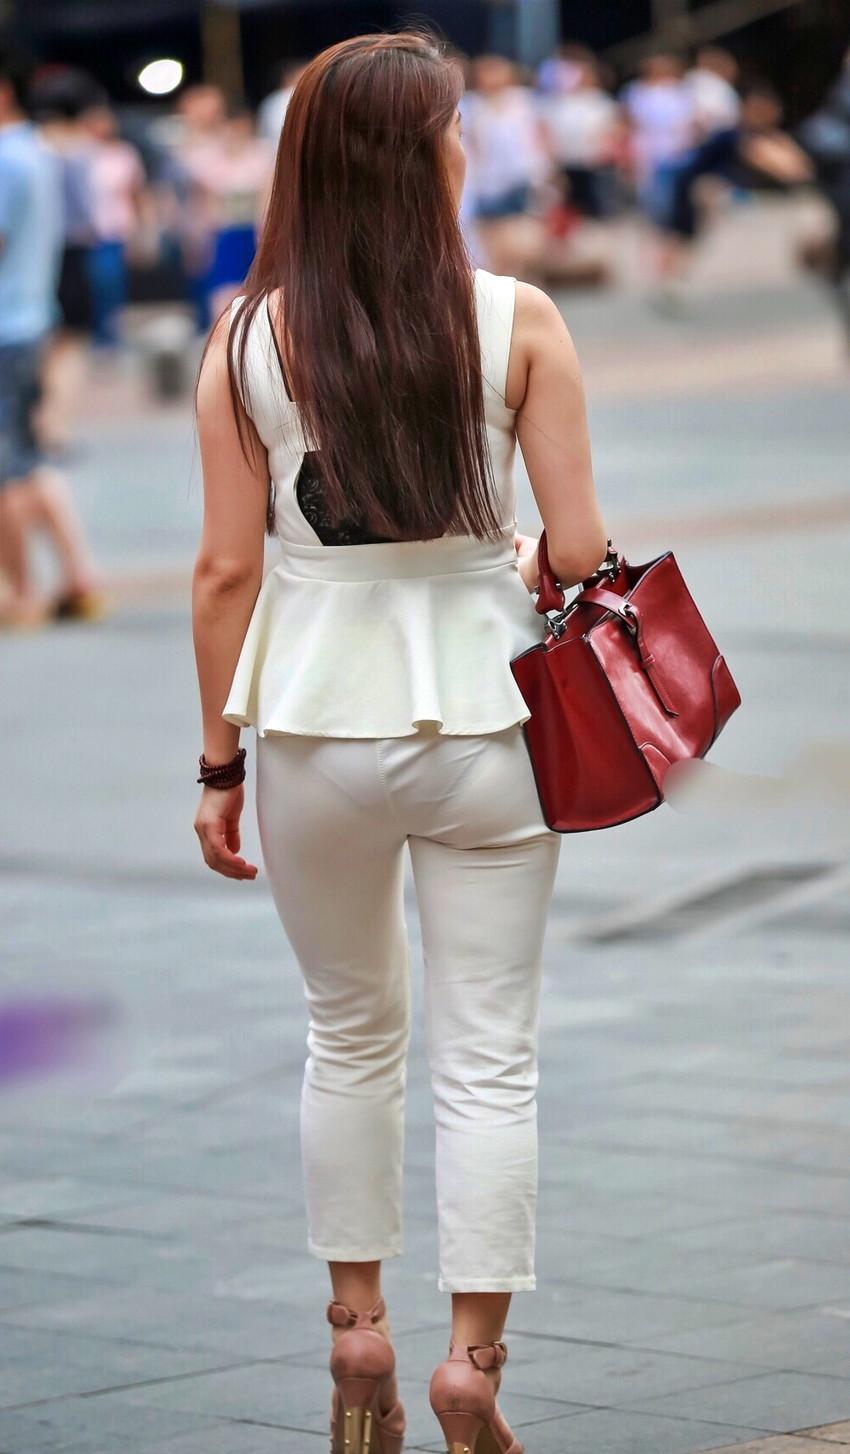 【透けパンツエロ画像】パンツ丸見えよりもタイトスカートや履いて下着が透けてる素人女子のほうが興奮しちゃう透けパンツのエロ画像酒!ww【80枚】 13